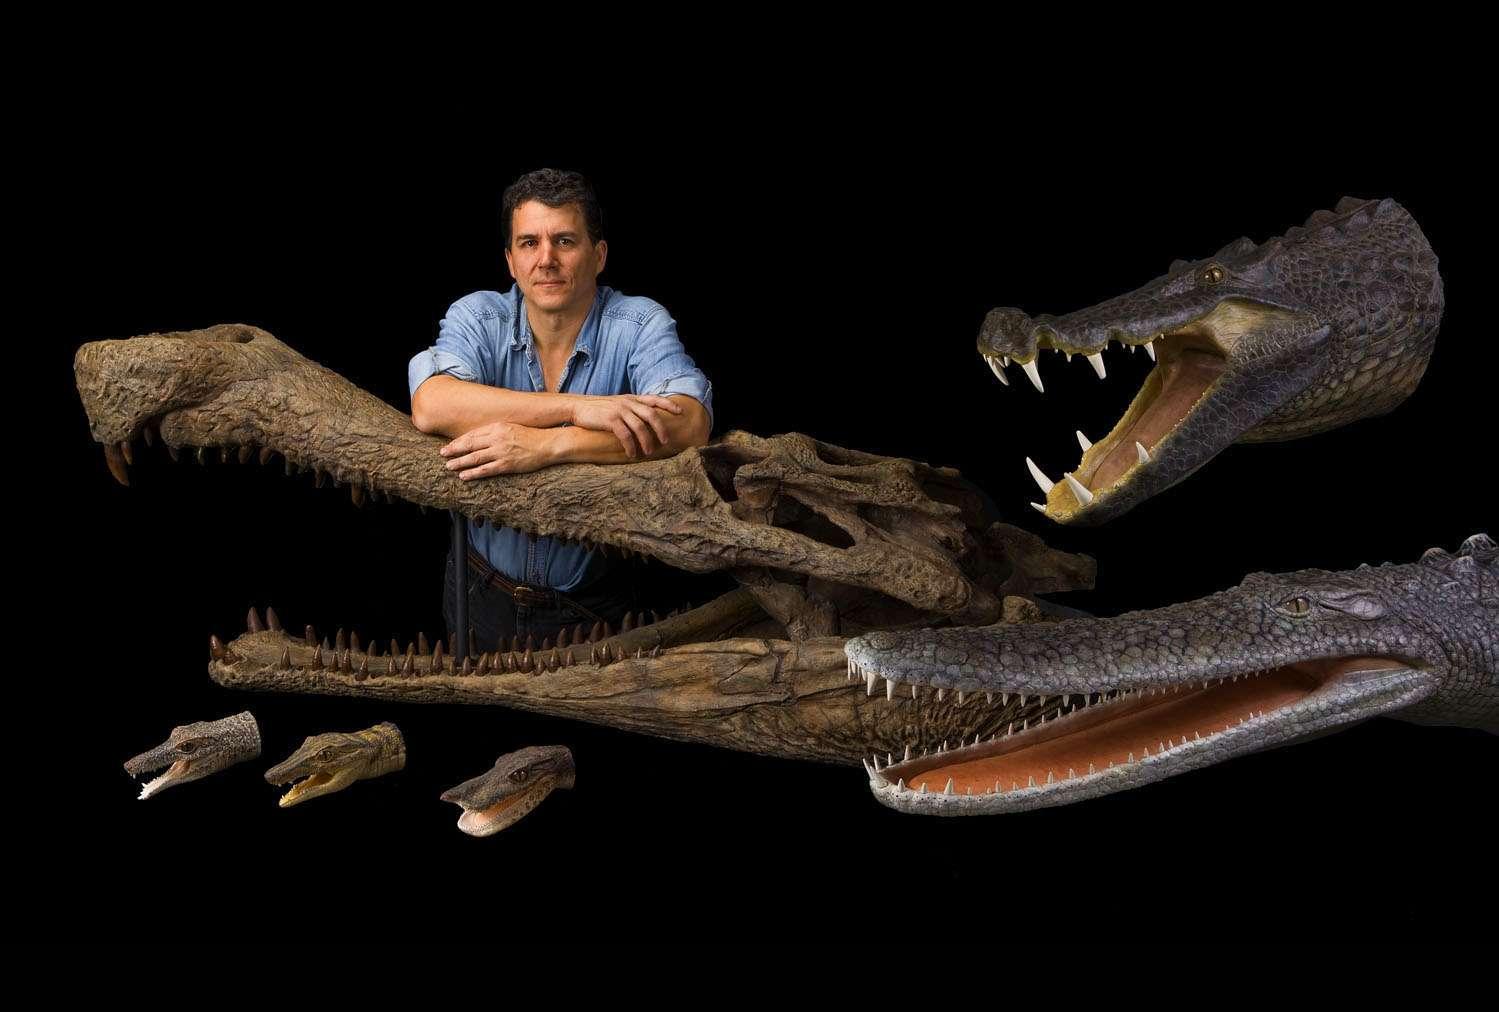 Paul Sereno avec ses crocodiles sahariens. Supercroc lui sert d'accoudoir. BoarCroc (Croc Sanglier) est en haut à droite, Pancake Croc (Croc Galette) en bas à droite. Les petites têtes, en bas à gauche, sont, respectivement, RatCroc, DogCroc et DuckCroc. © Mike Hettwer et National Geographic